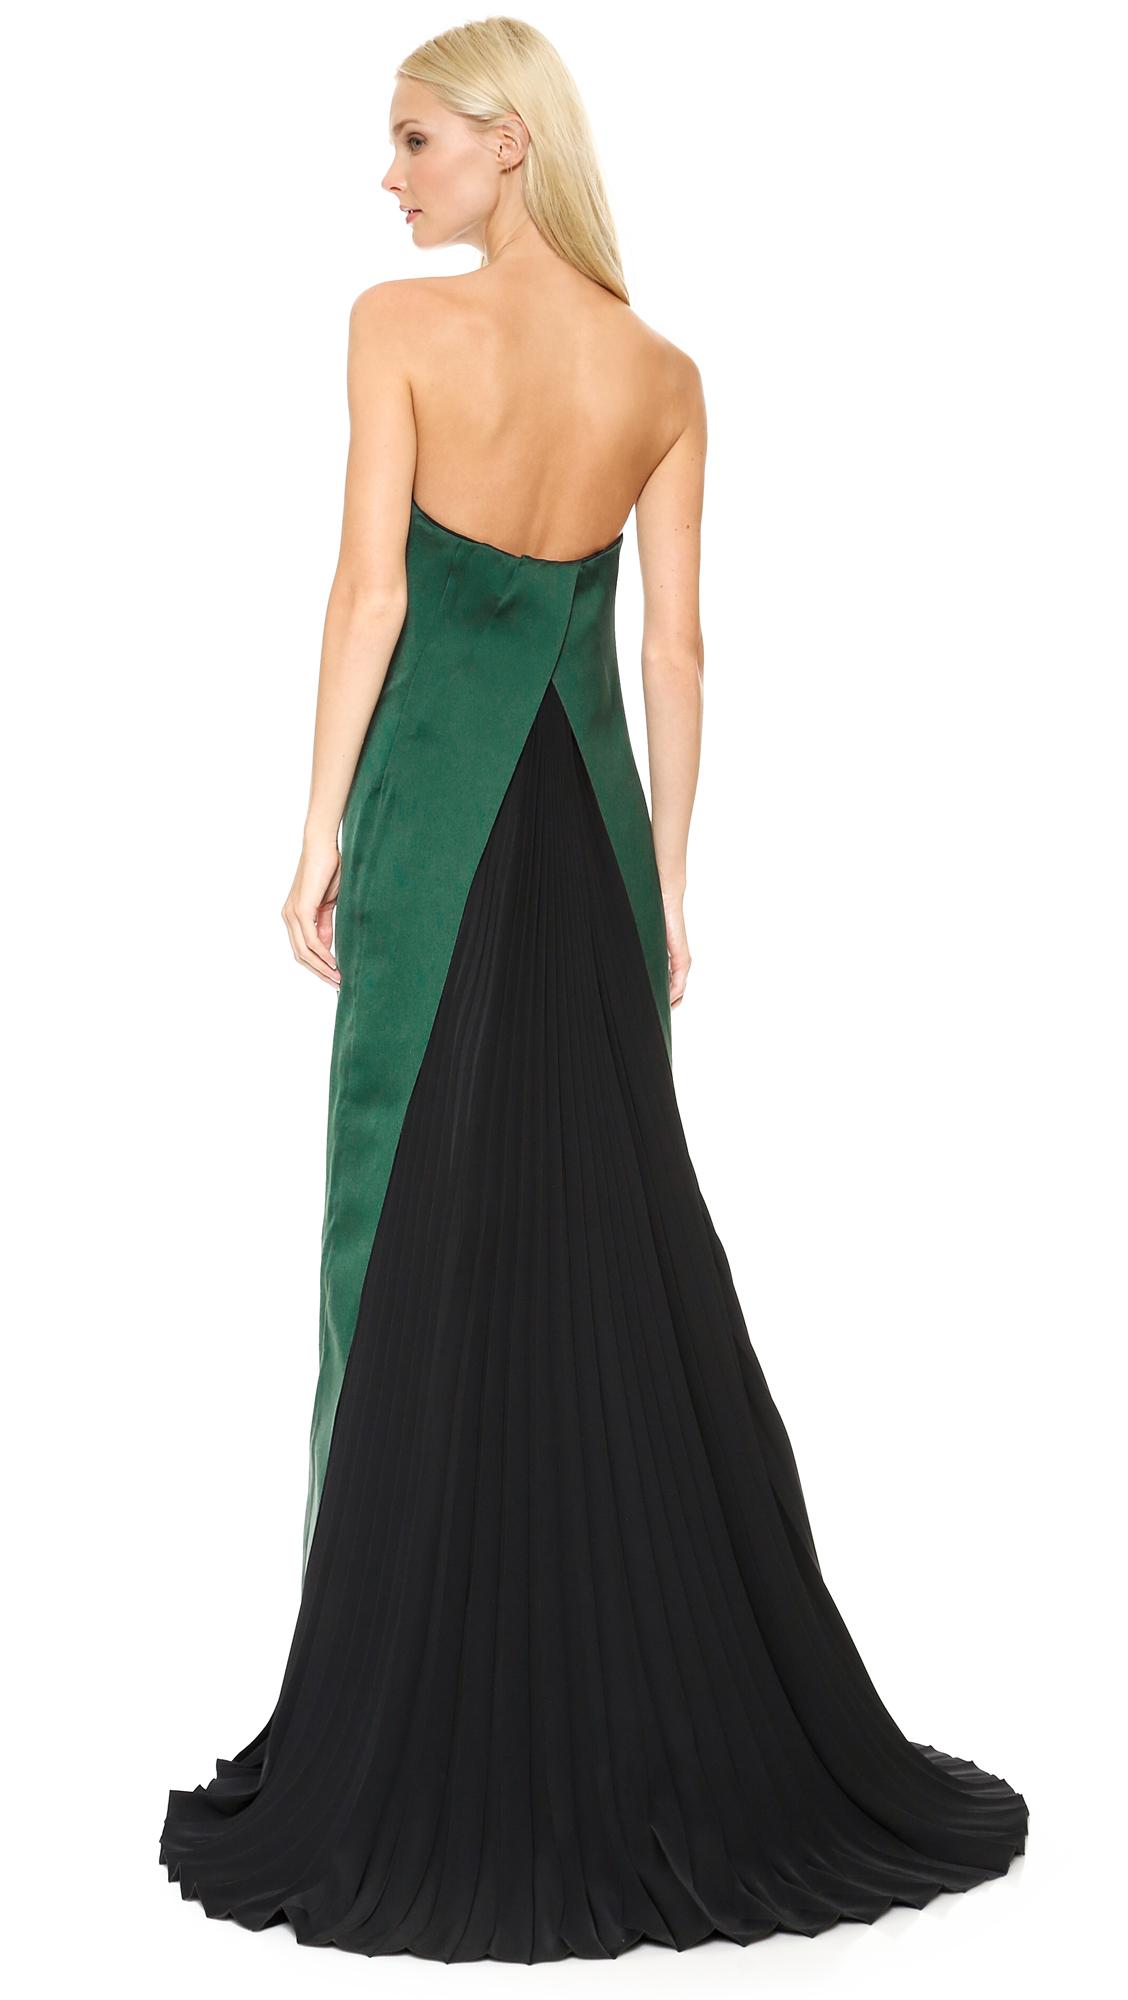 Cedric charlier Strapless Gown - Dark Green in Green - Lyst